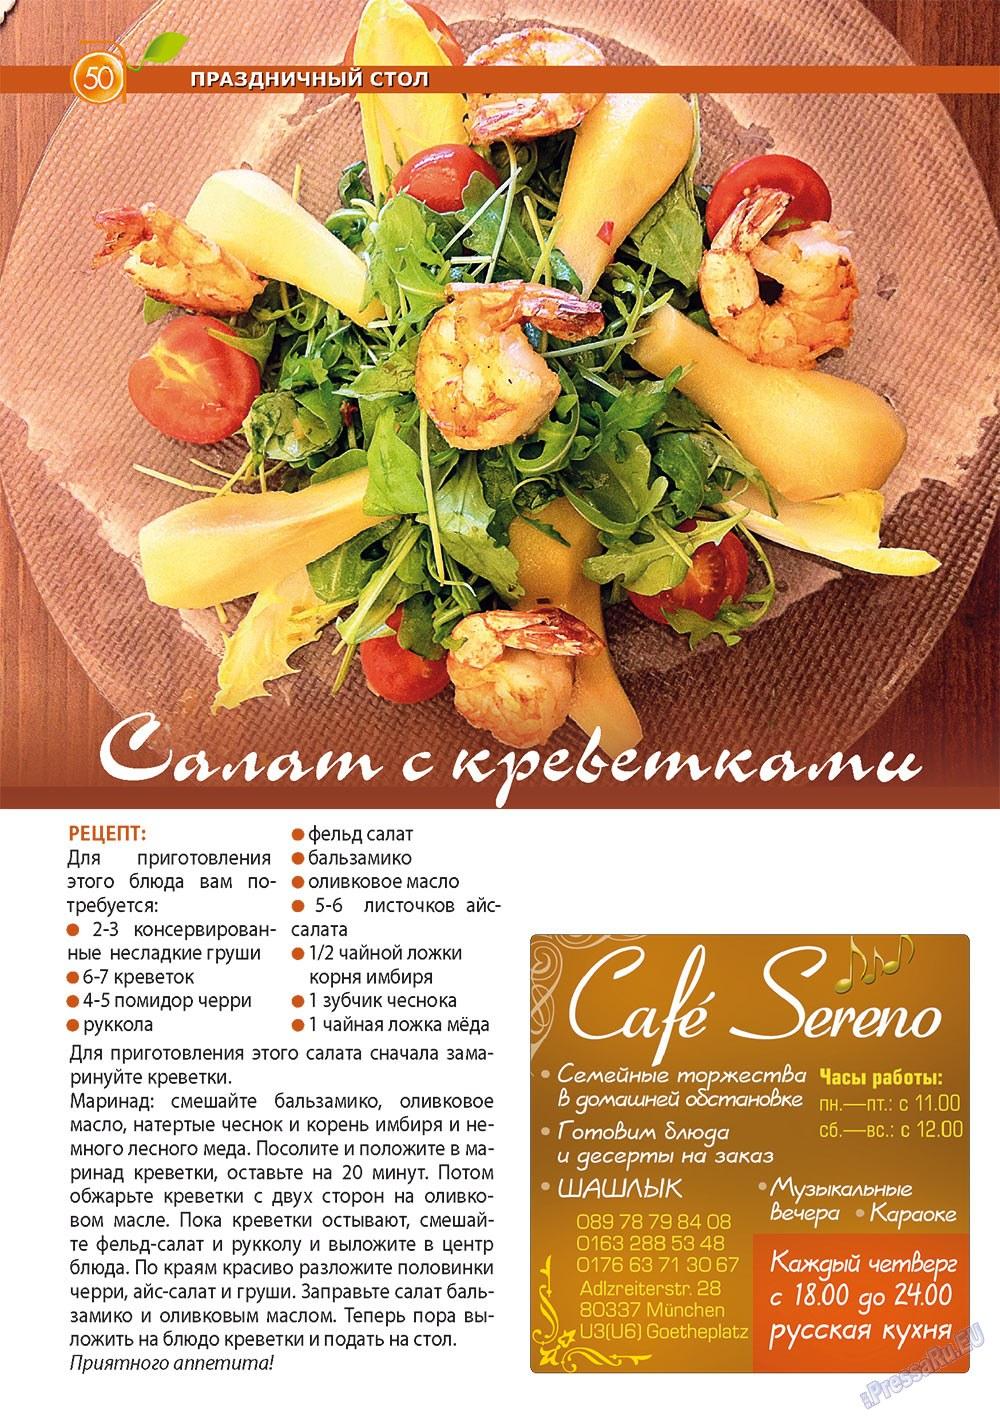 Апельсин (журнал). 2013 год, номер 42, стр. 48